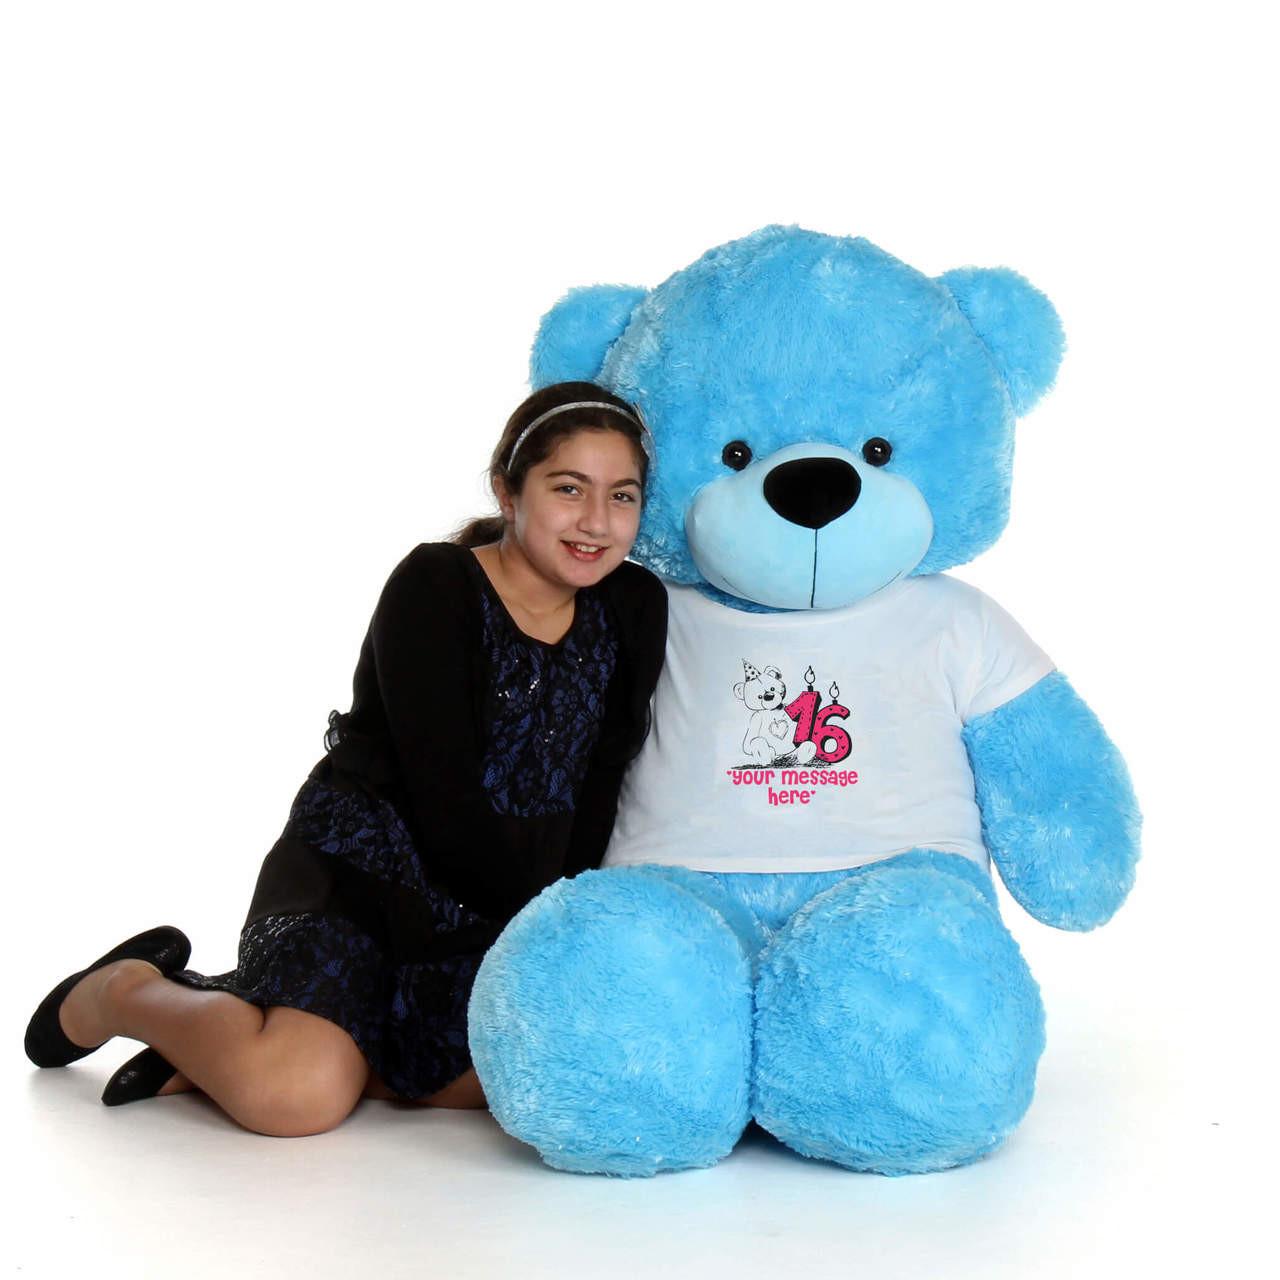 60in Blue Happy Cuddles Make a Wish Personalized Birthday Teddy Bear